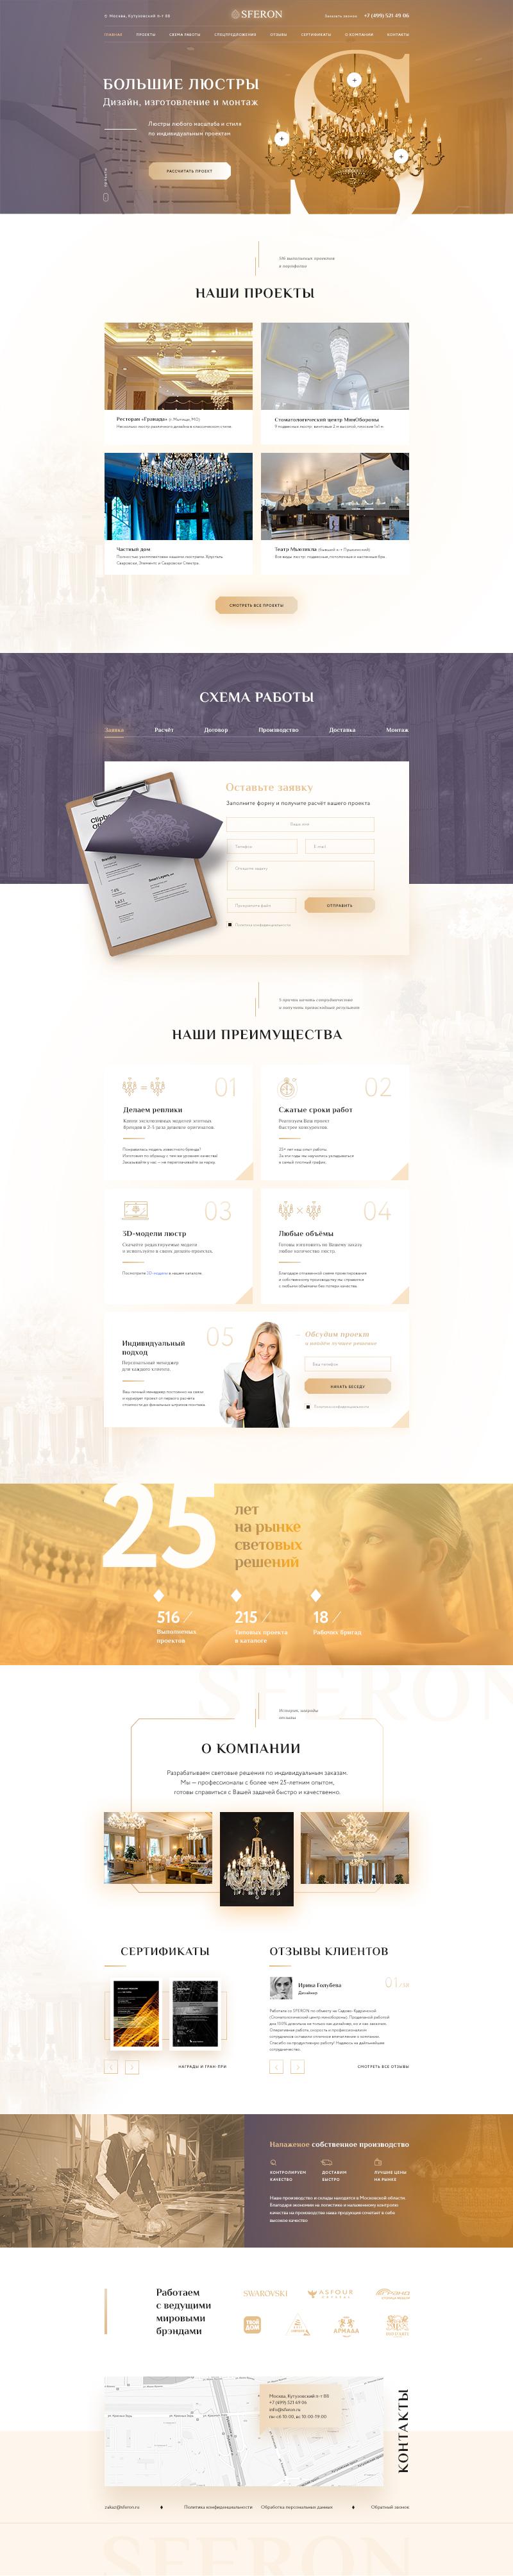 Переделать веб-сайт для sferon.ru фото f_0615b45404c57b62.jpg